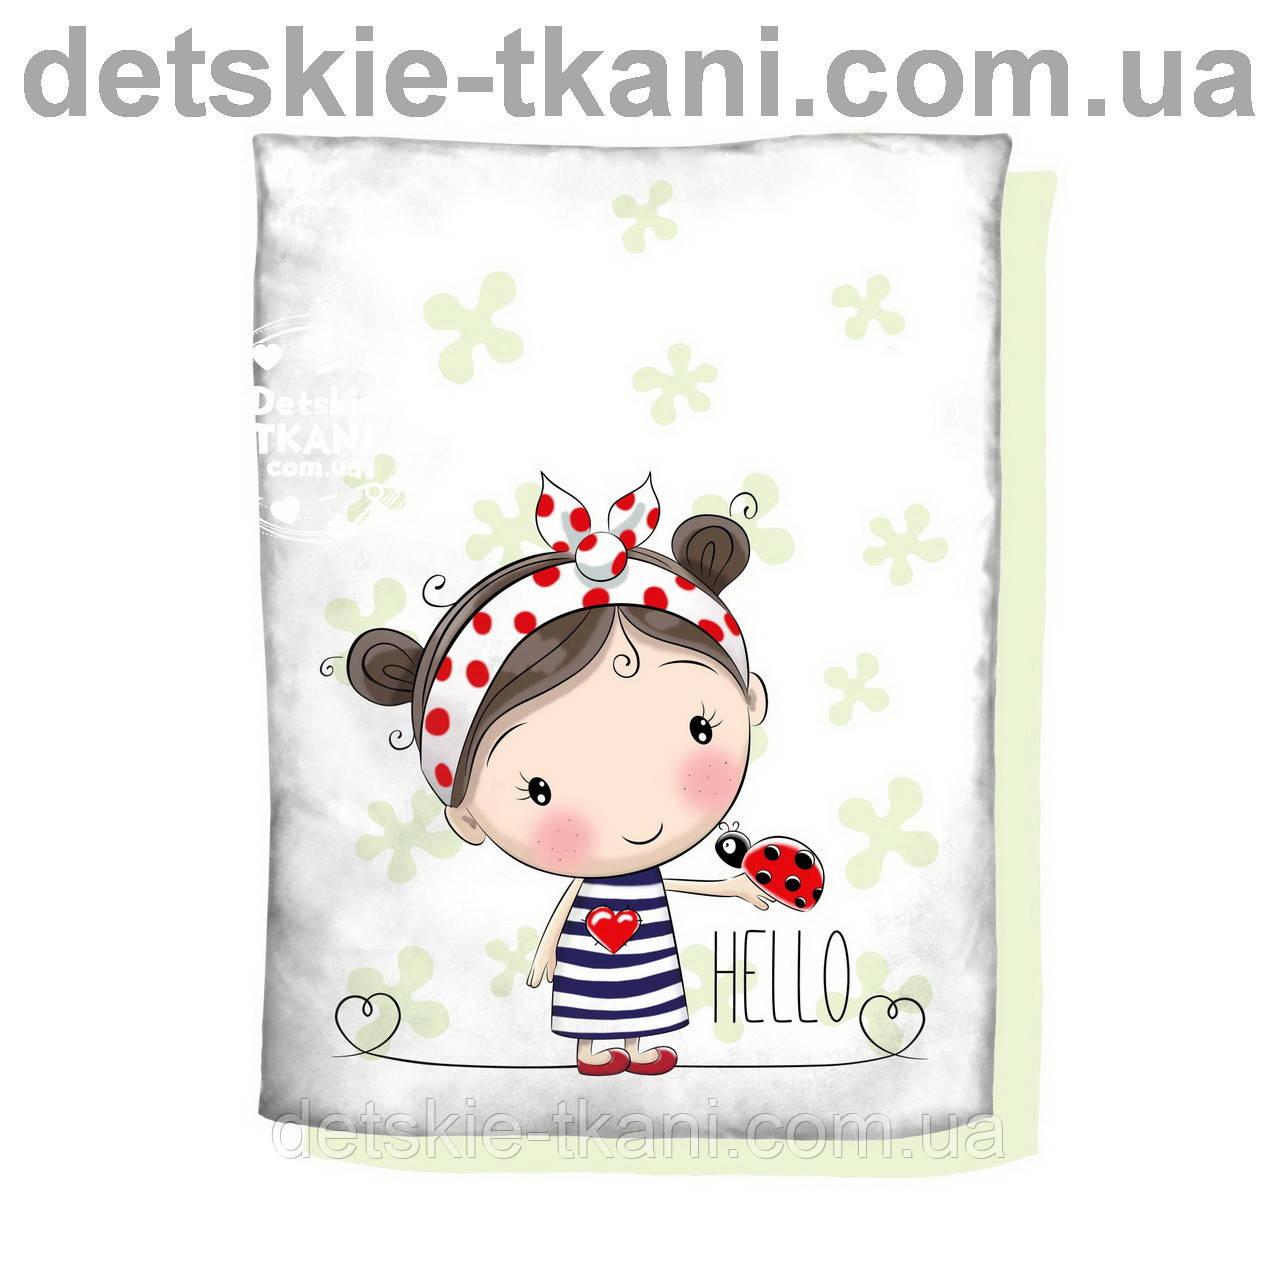 """Панельки из хлопковой ткани """"Малышка"""", размер 75*100 см"""